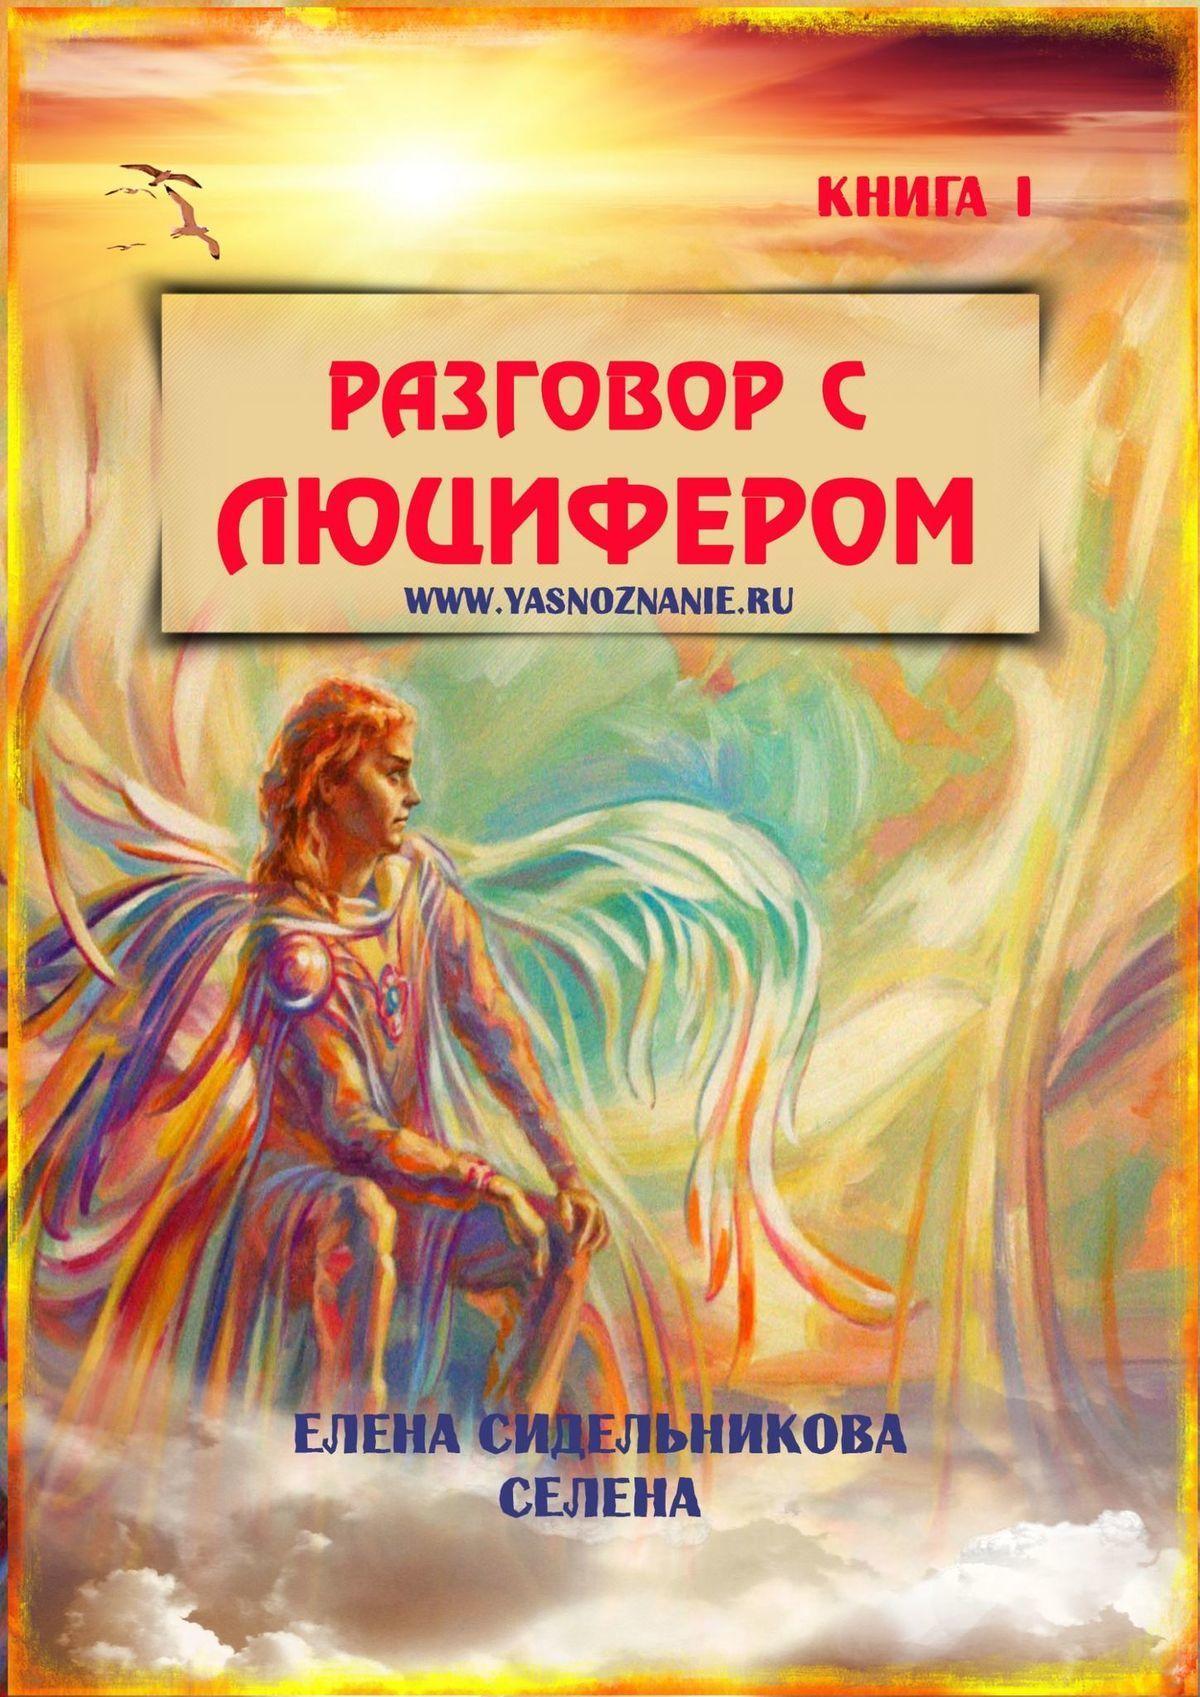 Елена Сидельникова Селена - Разговор с Люцифером. Книга I